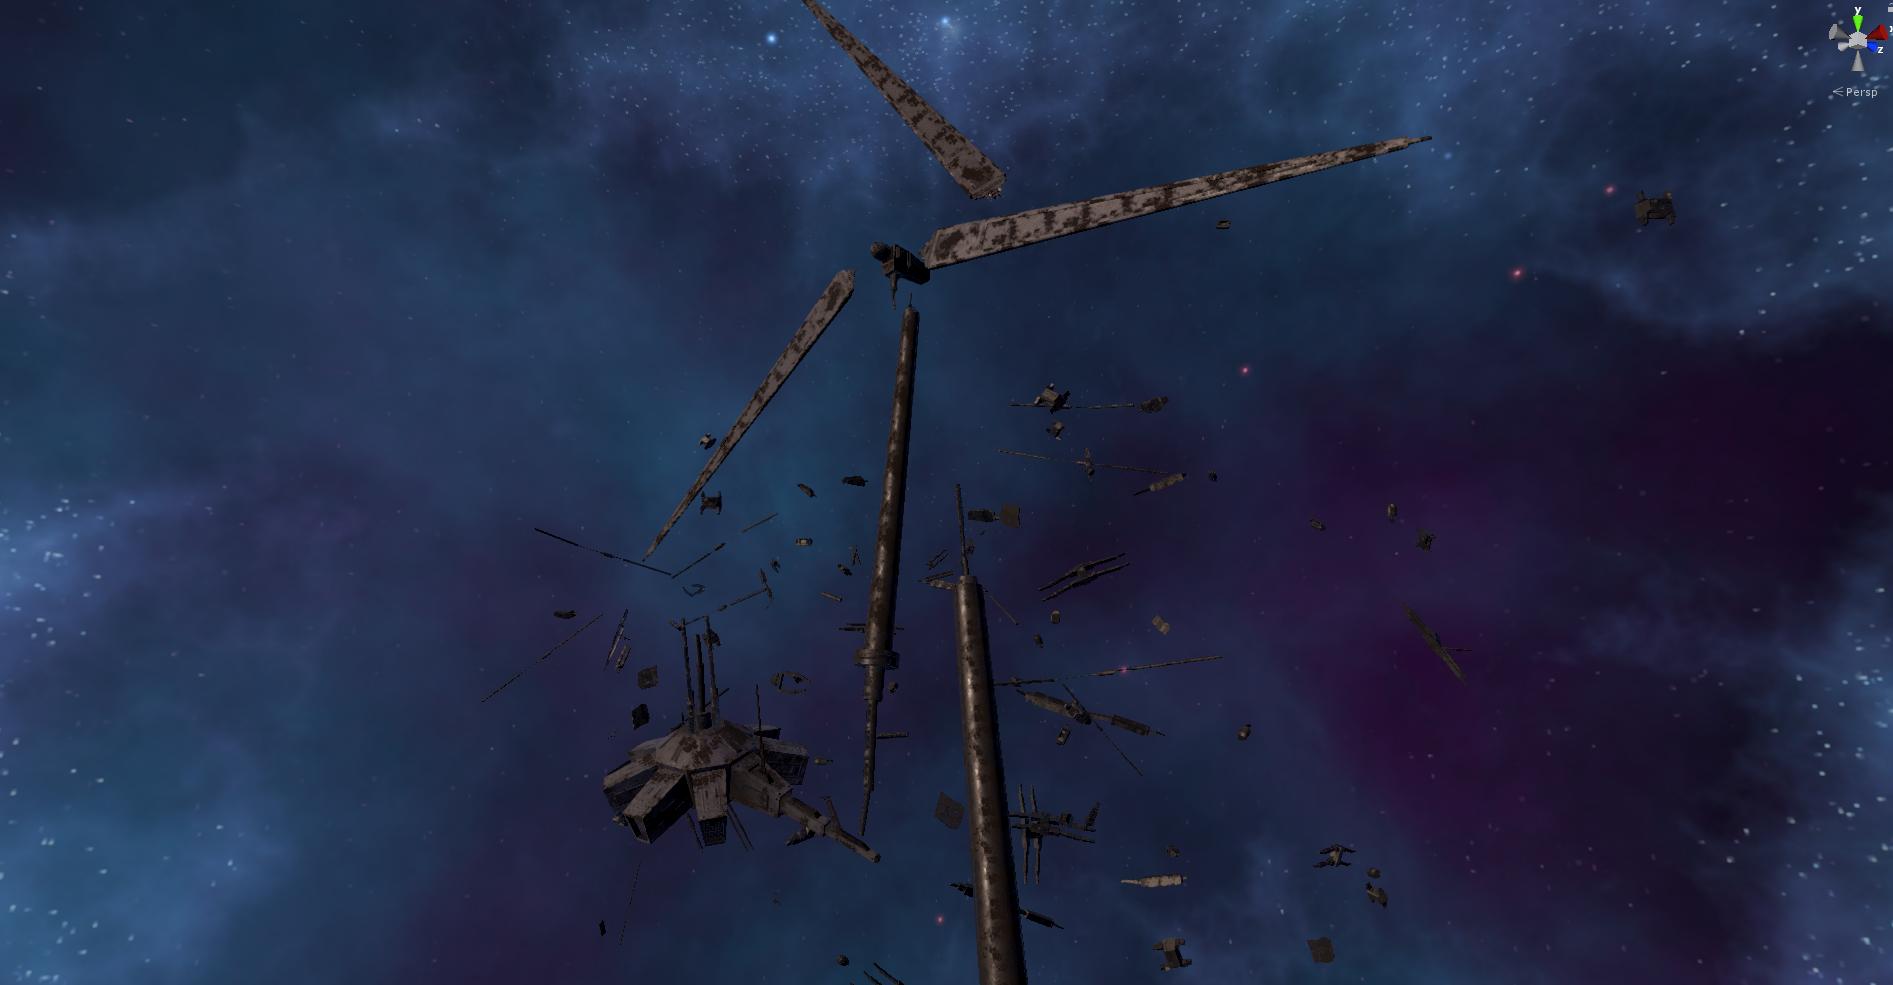 UnderspaceWindmillWreckage